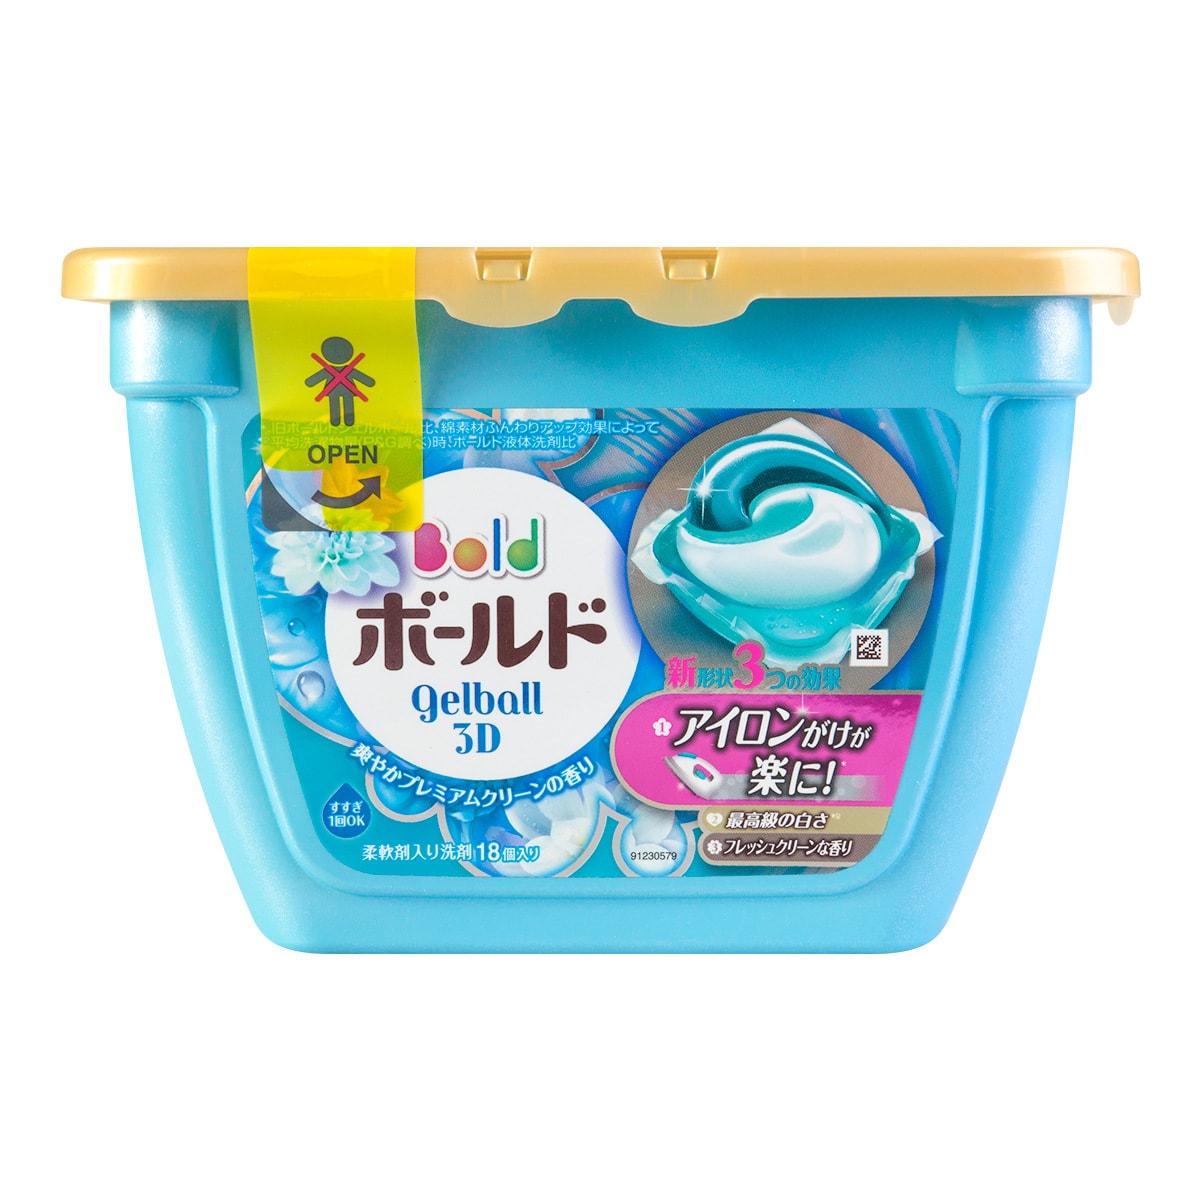 日本P&G宝洁 白金香氛啫喱凝珠洗衣球 含柔顺剂 #优雅百合香 18粒 347g